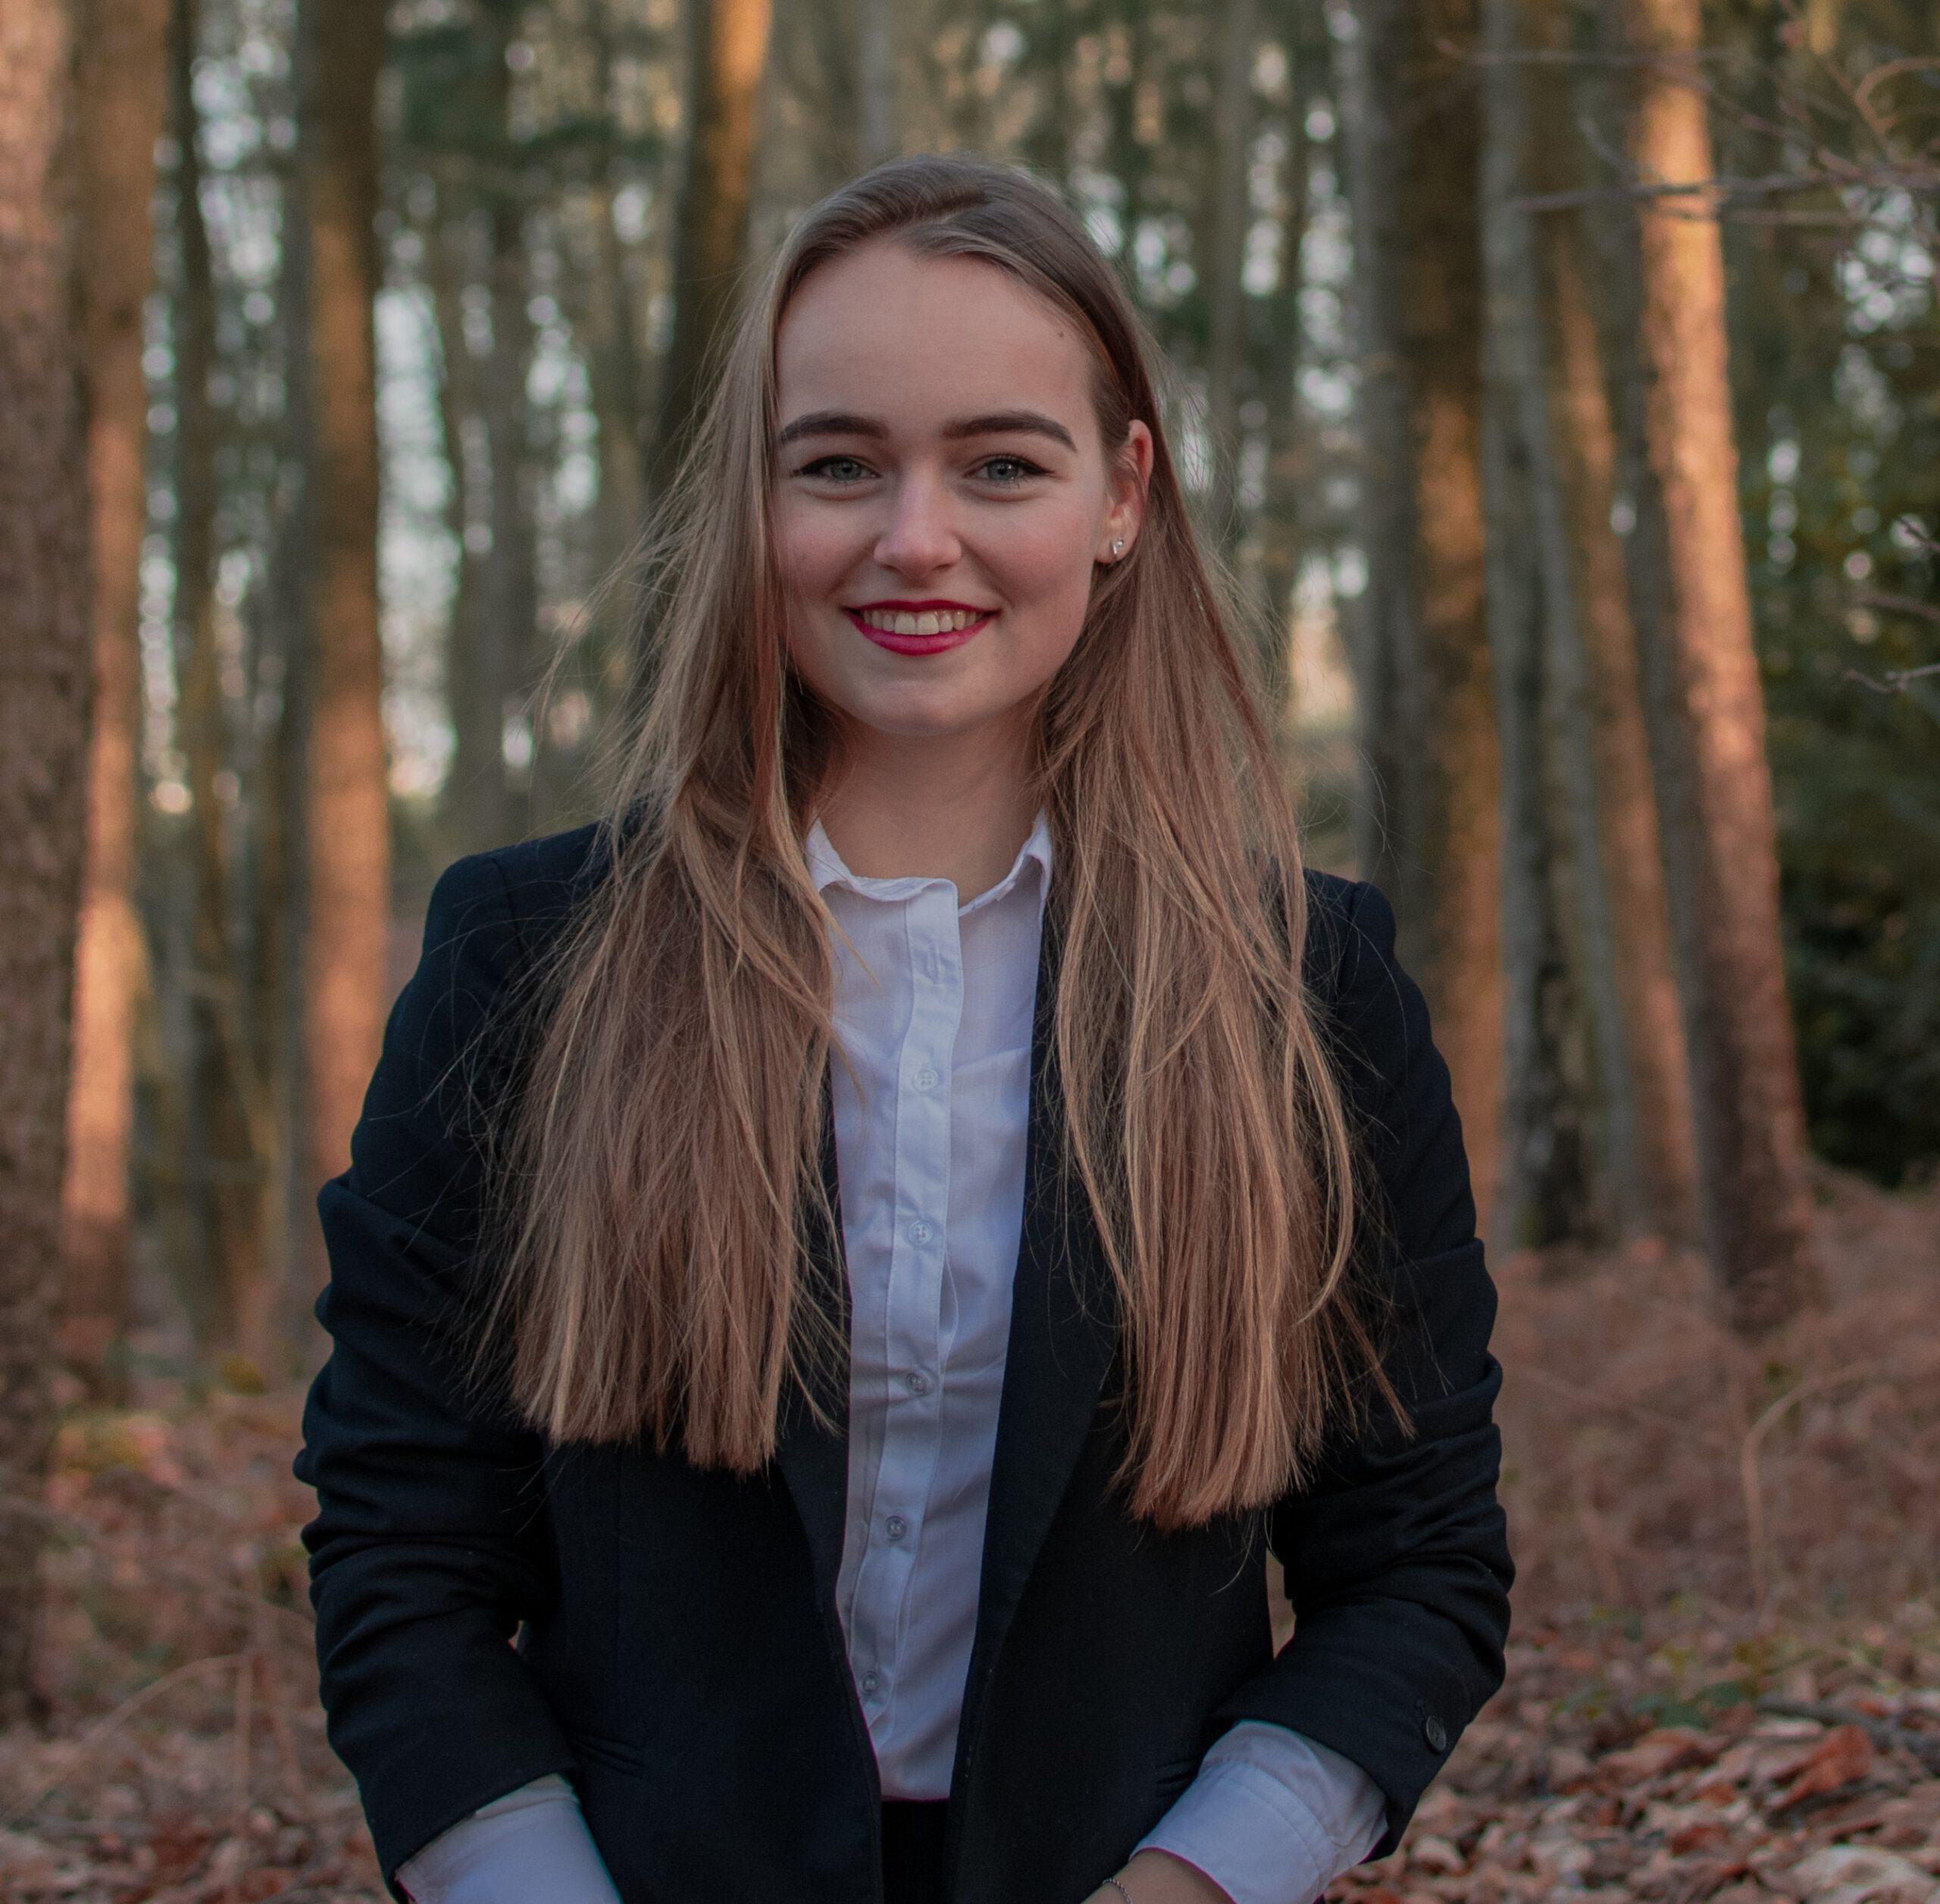 Brittany van Beek